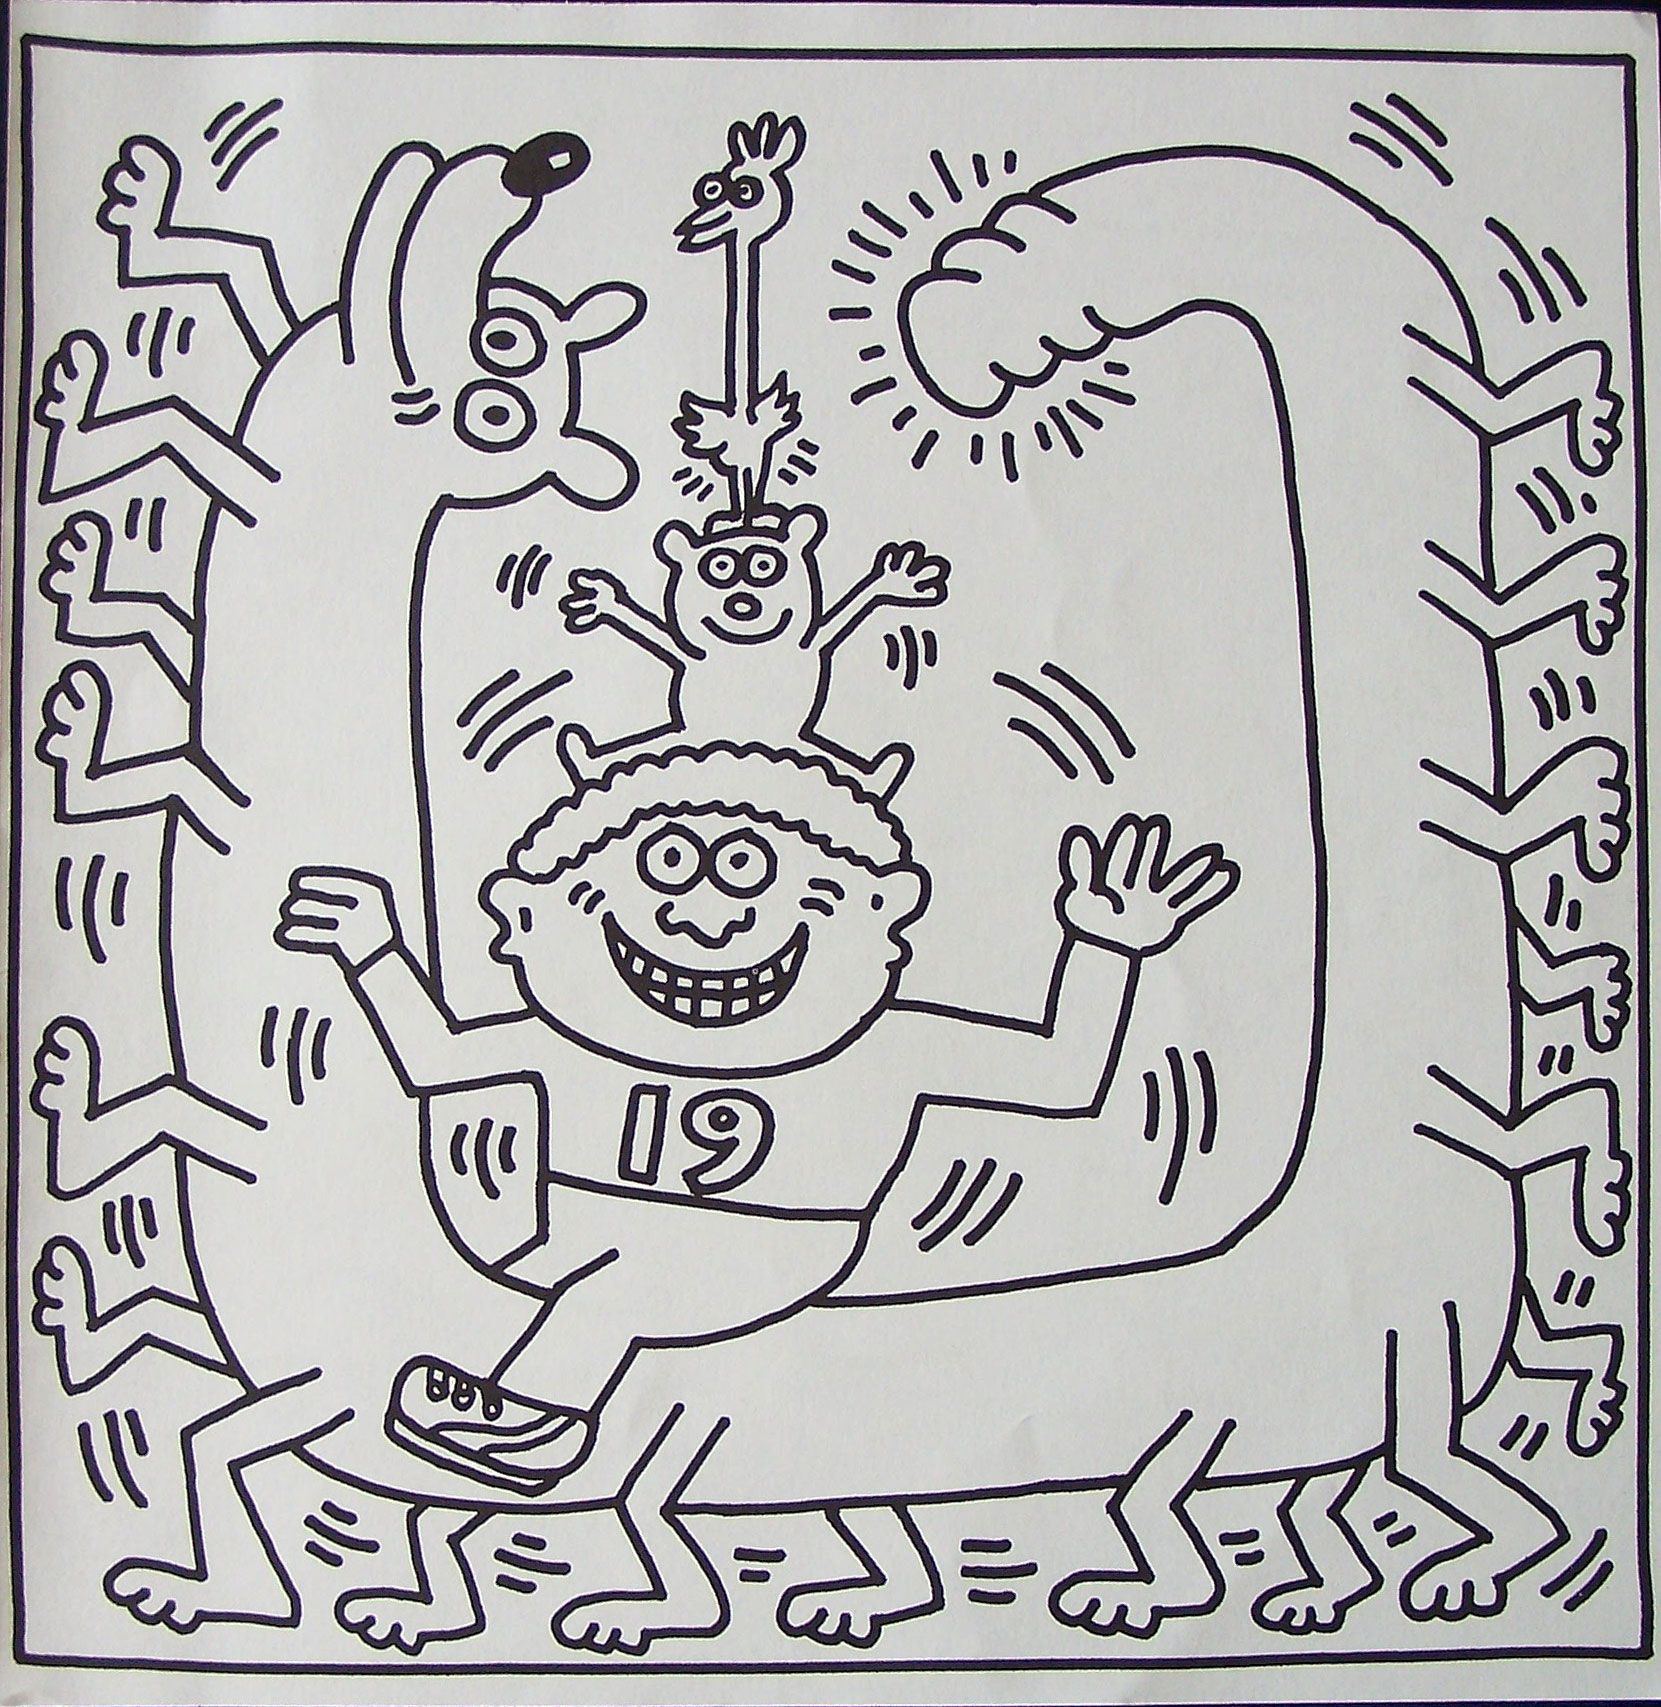 Keith Haring Kleurplaat Lithografie 19 En 20 Keith Haring Pop Art Pattern Coloring Pages